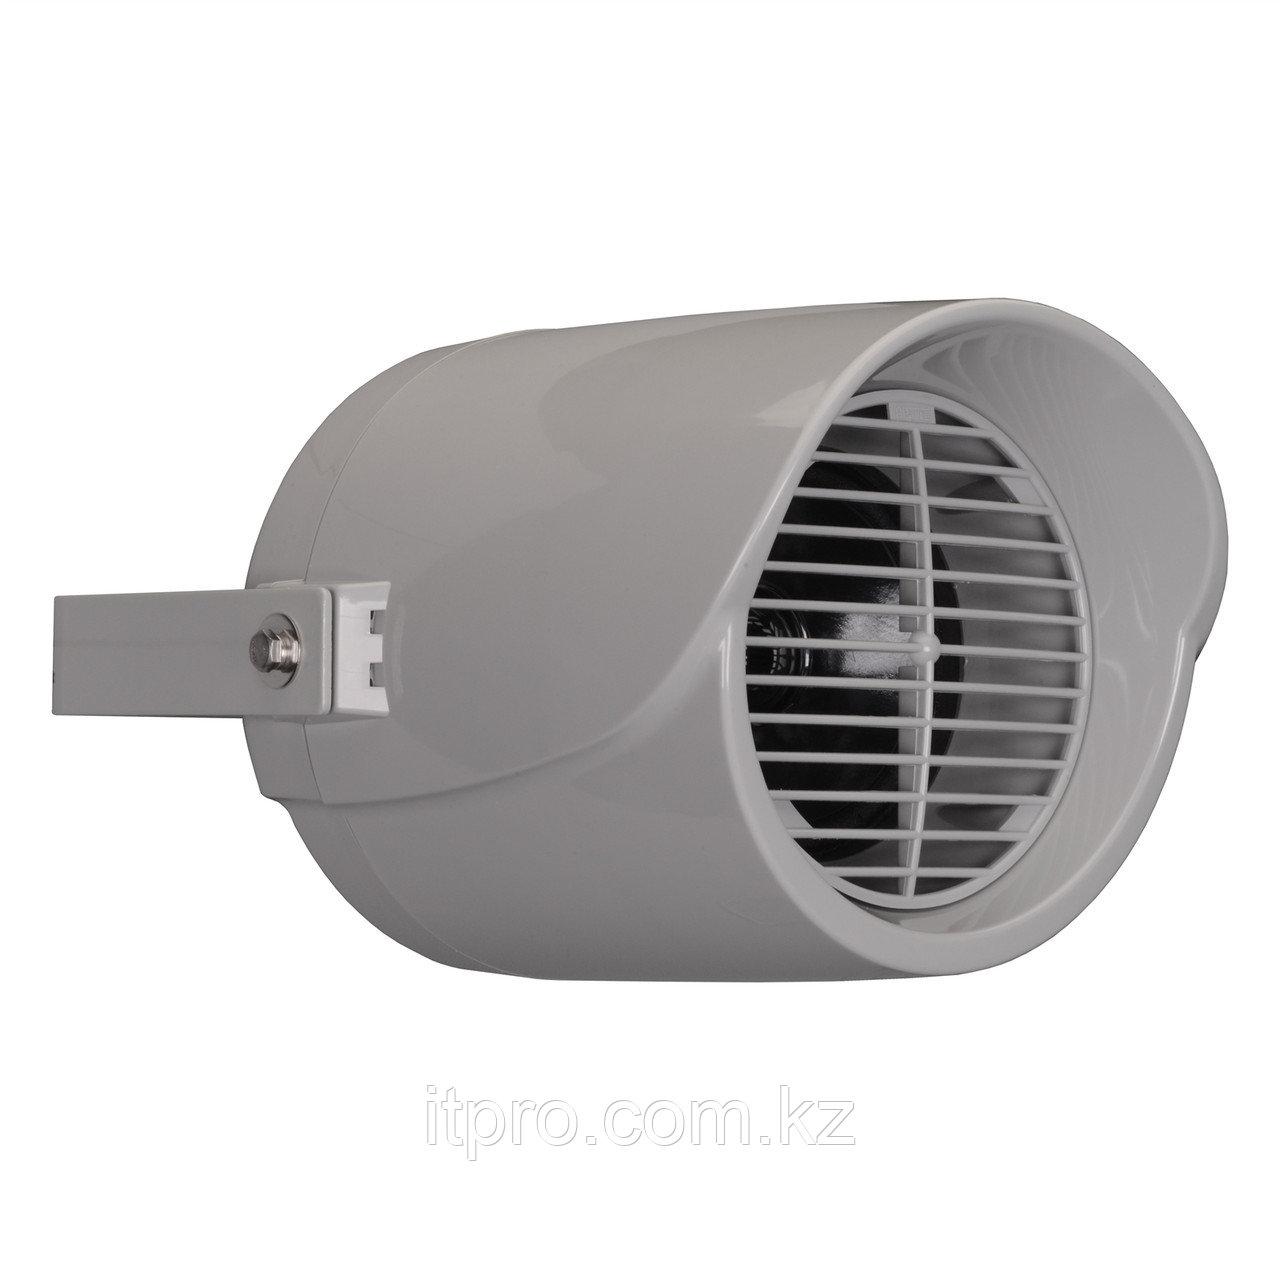 Звуковой прожектор Apart MPH31-G